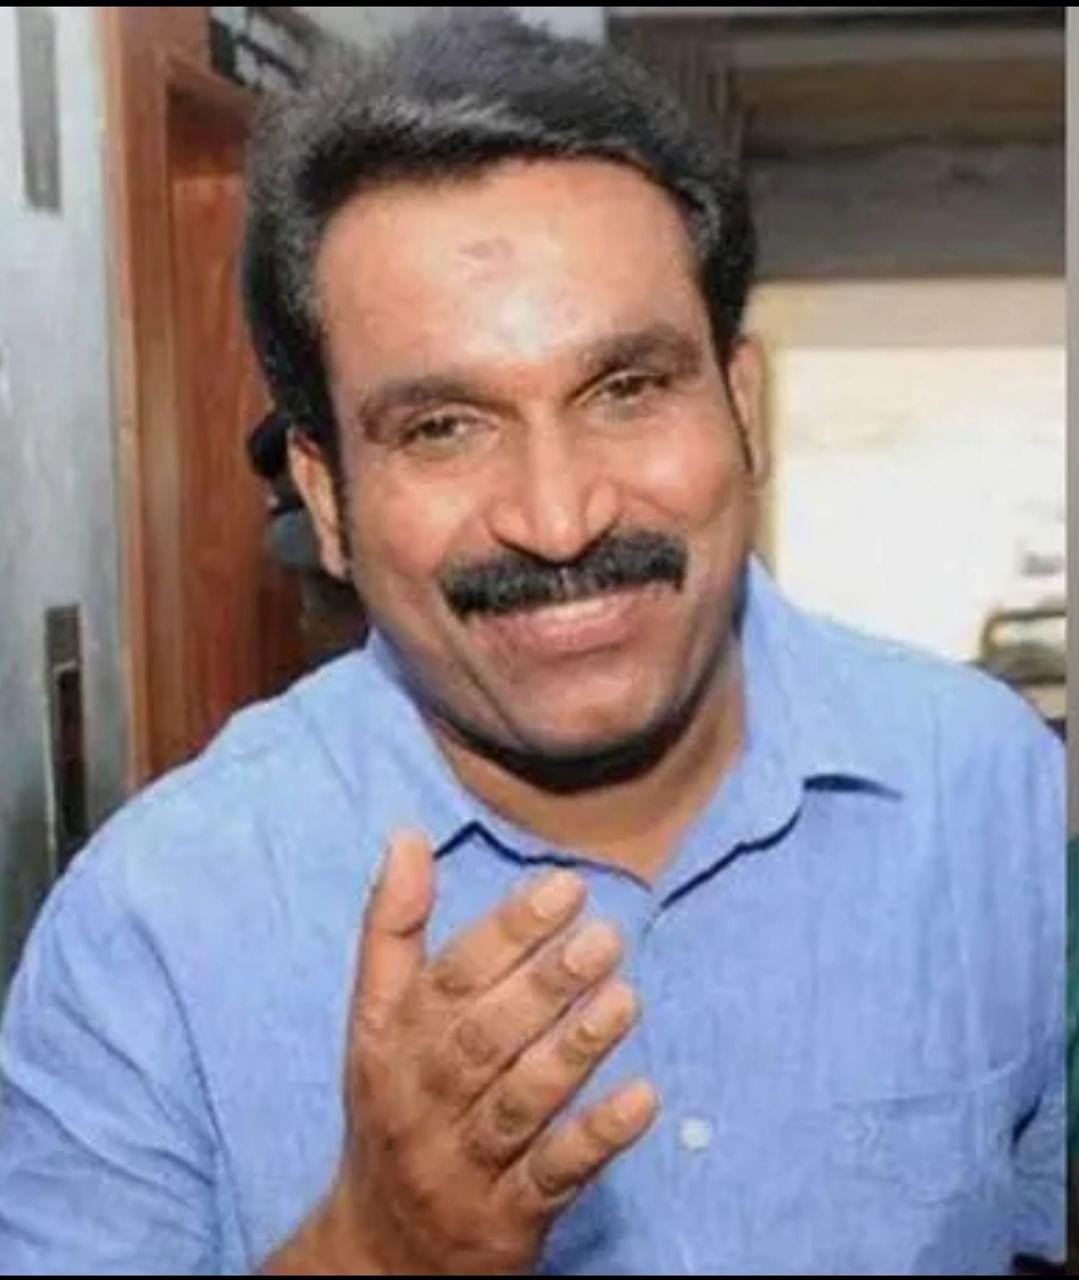 பிஜூ ராதாகிருஷ்ணன்